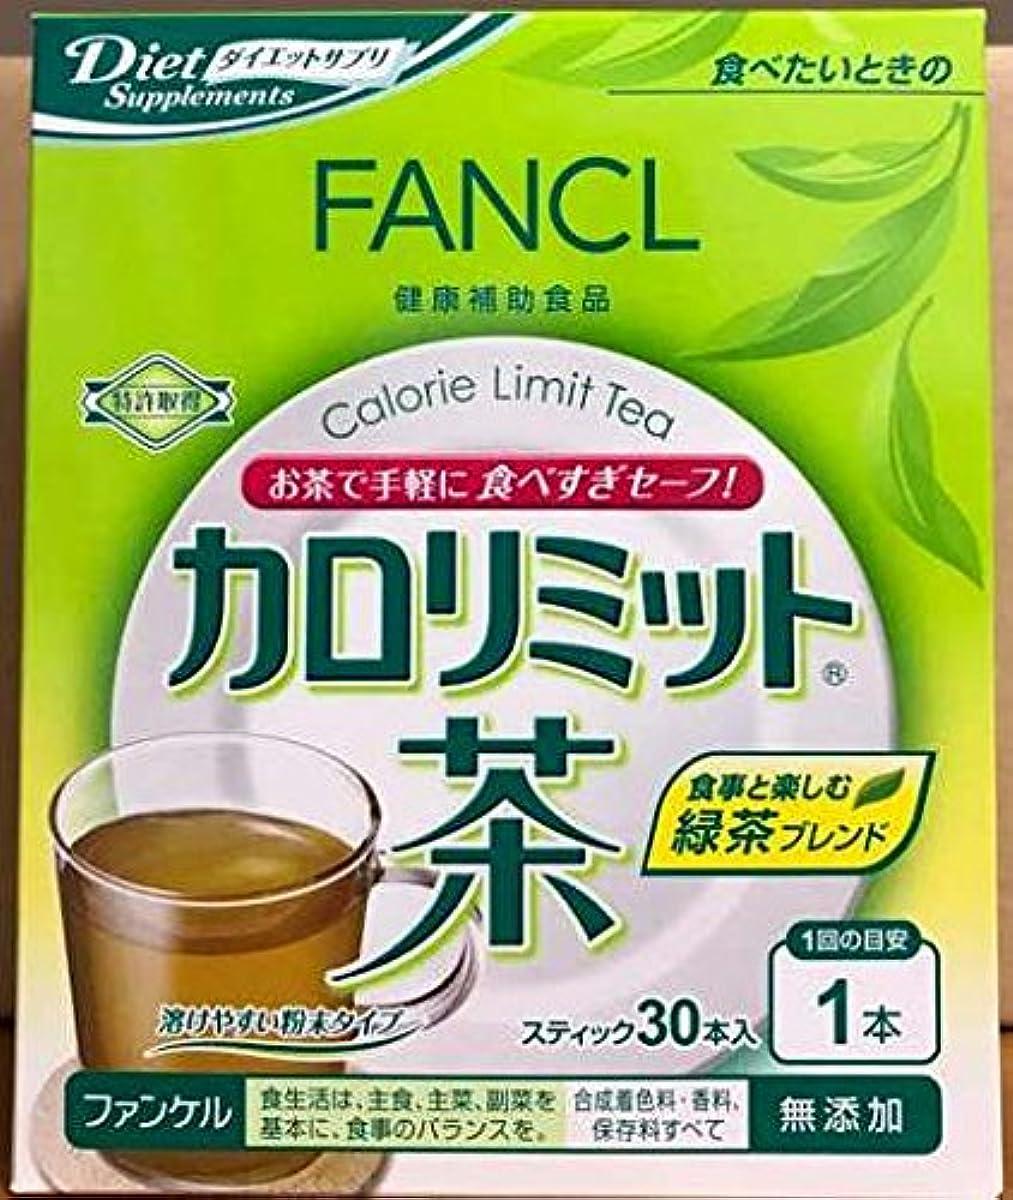 [해외] FANCL 후게루 칼로리 미트다 약30개들이